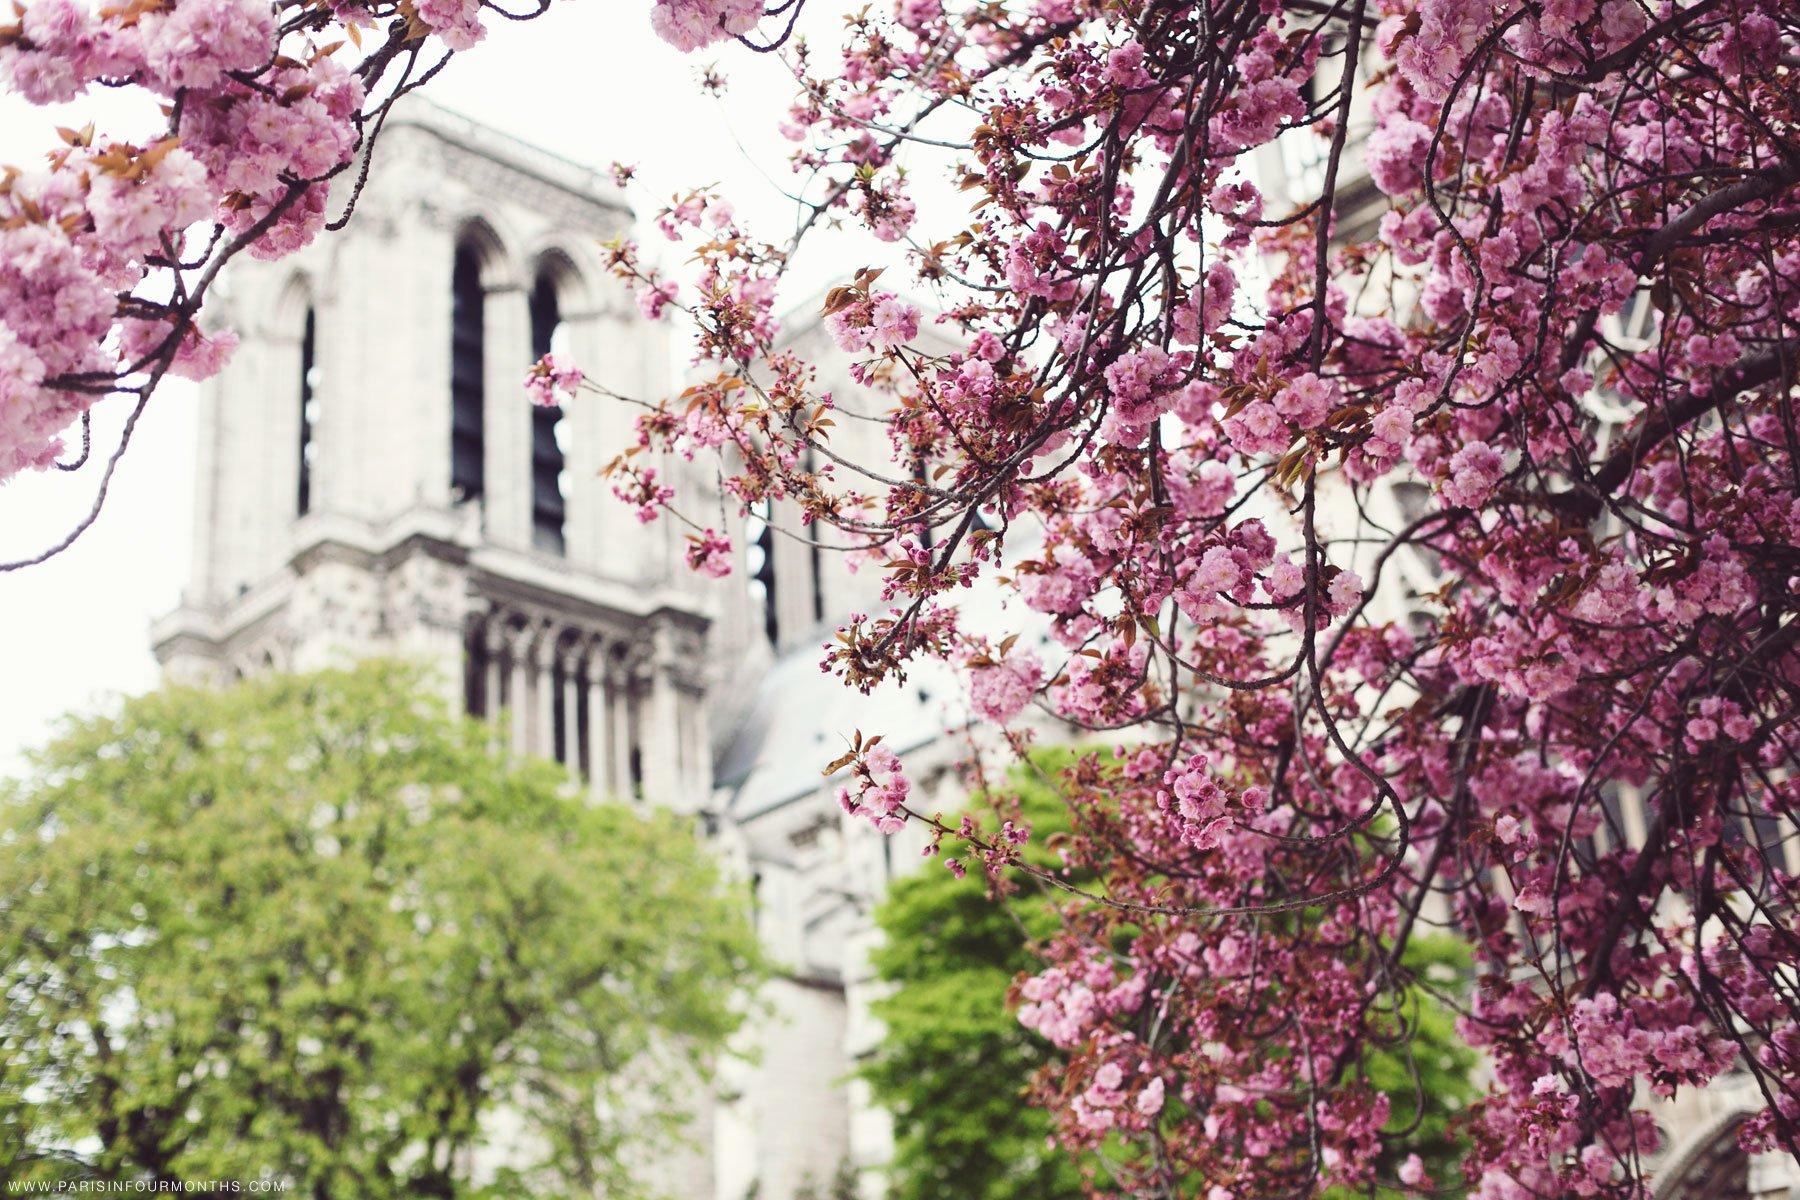 Third Spring Paris in Four Months 1800x1200